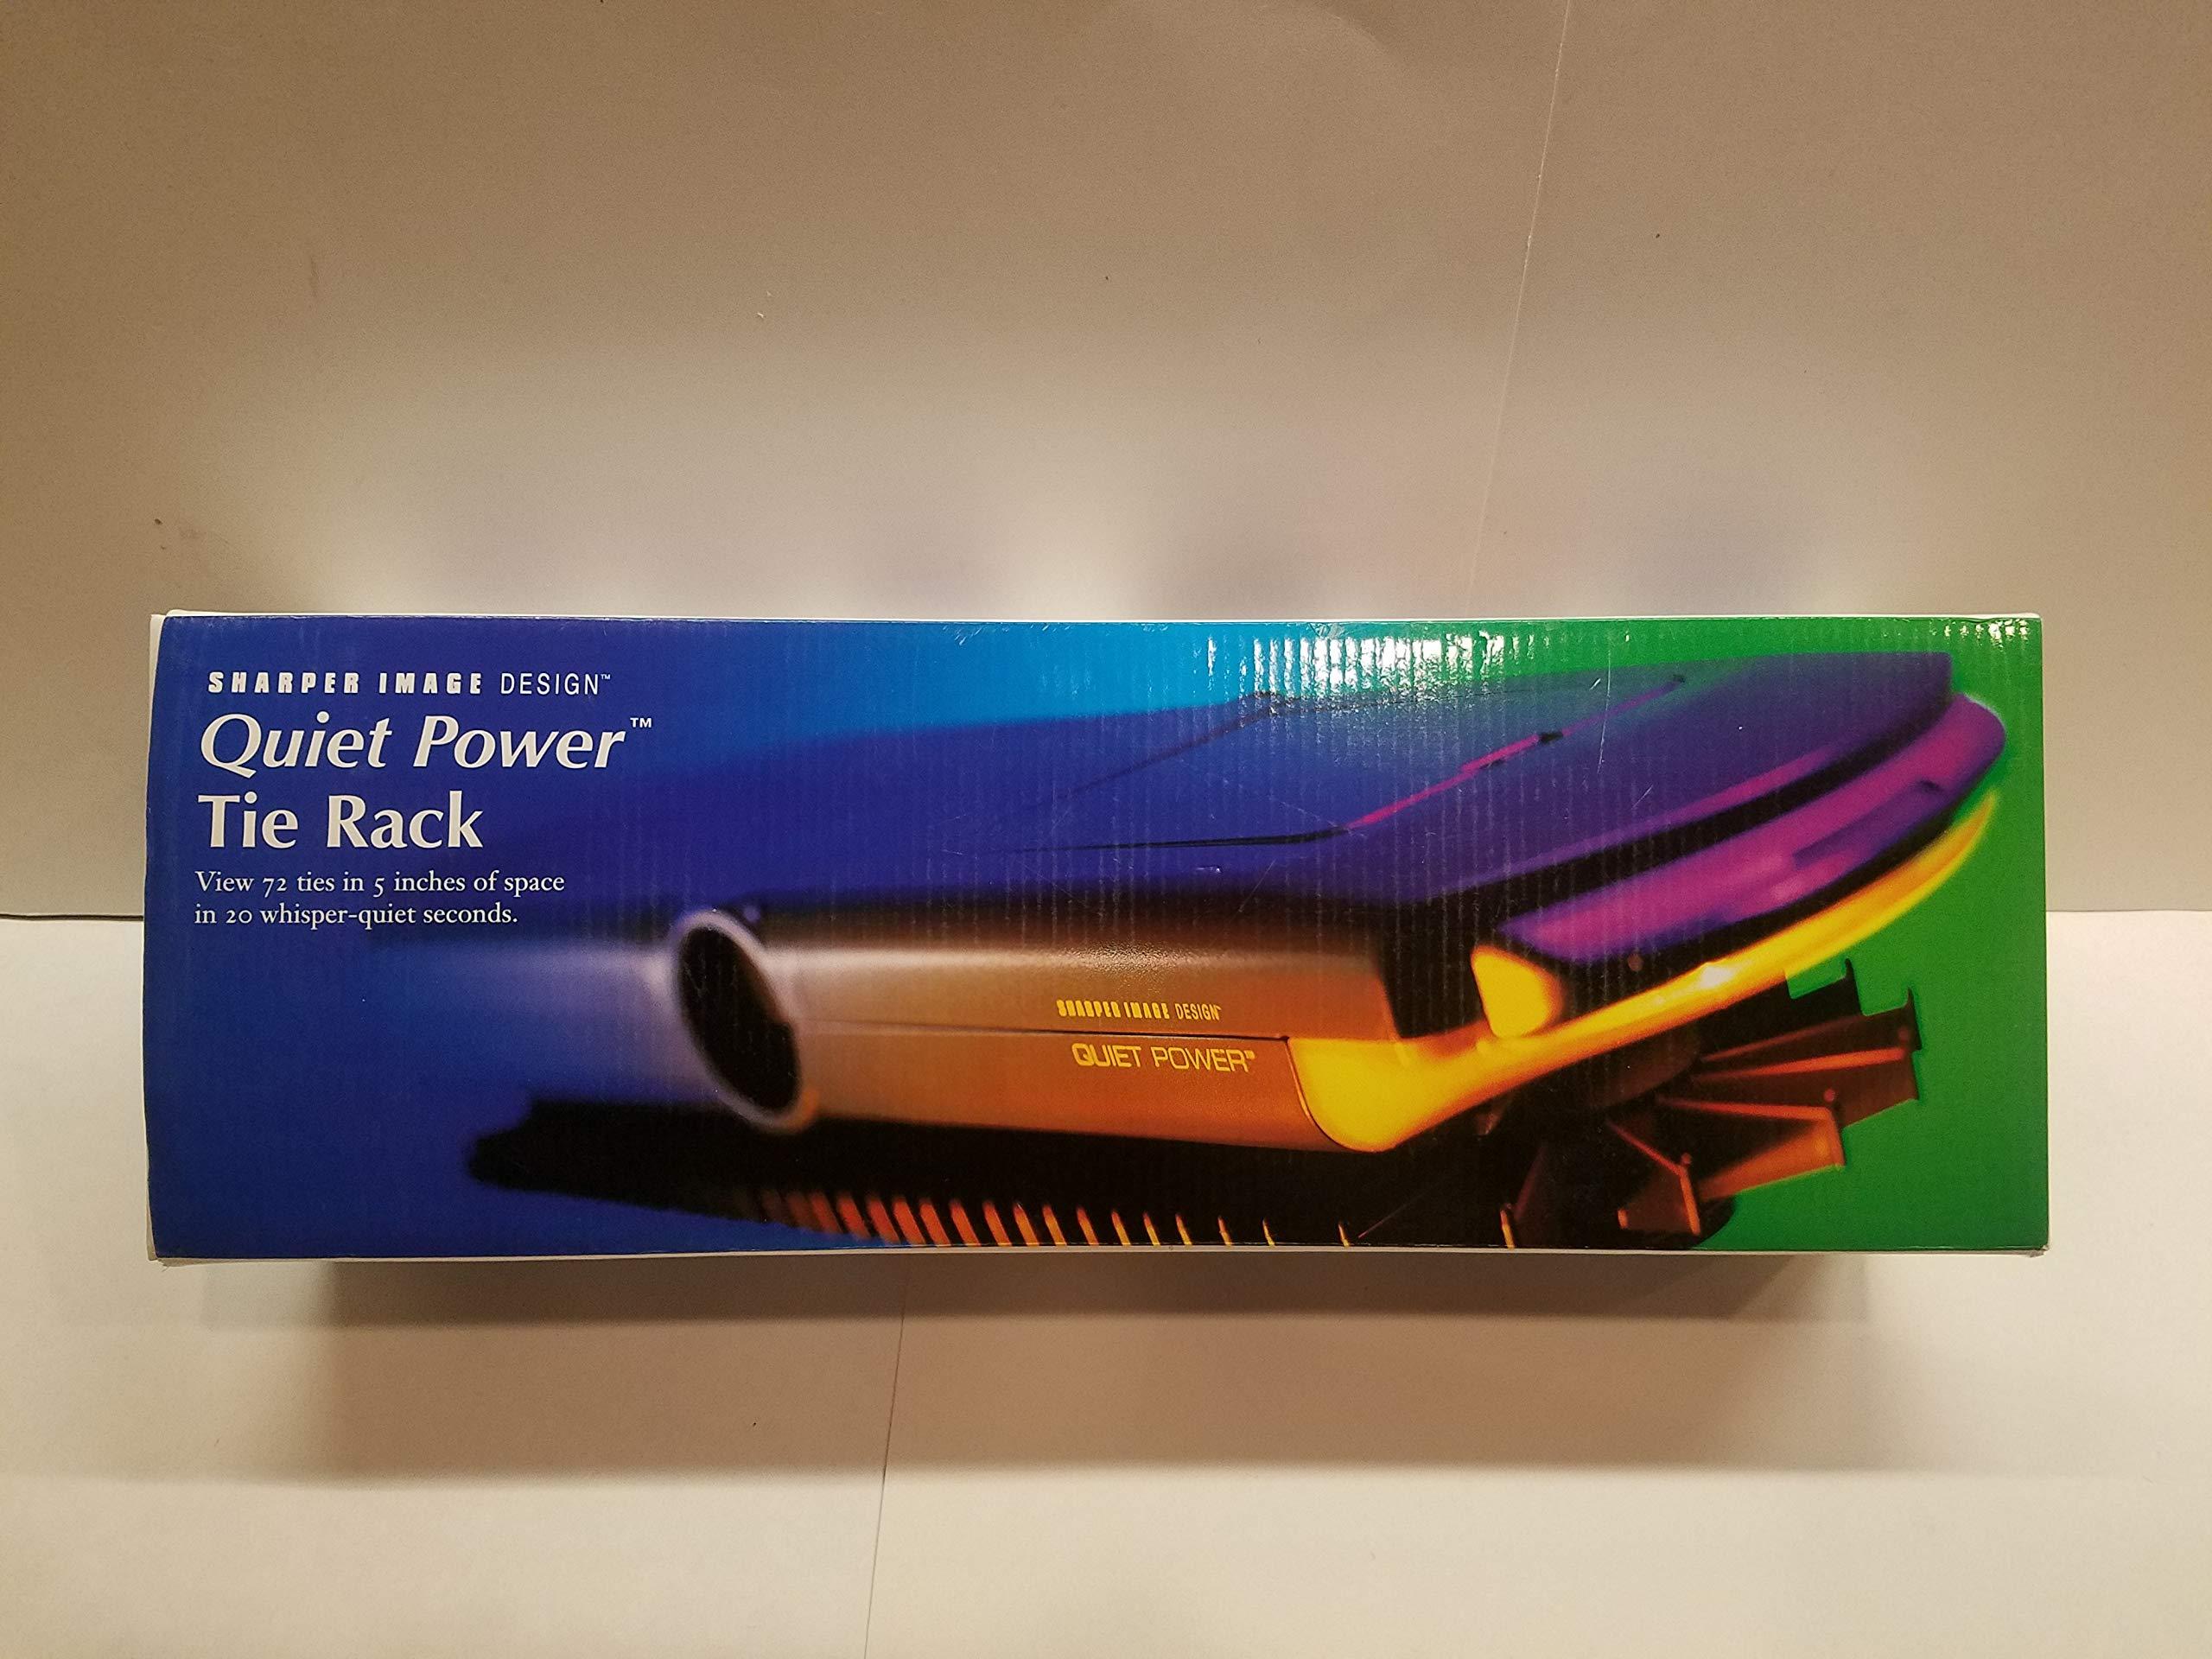 Sharper Image Design Quiet Power Tie Rack -View 72 by Sharper Image